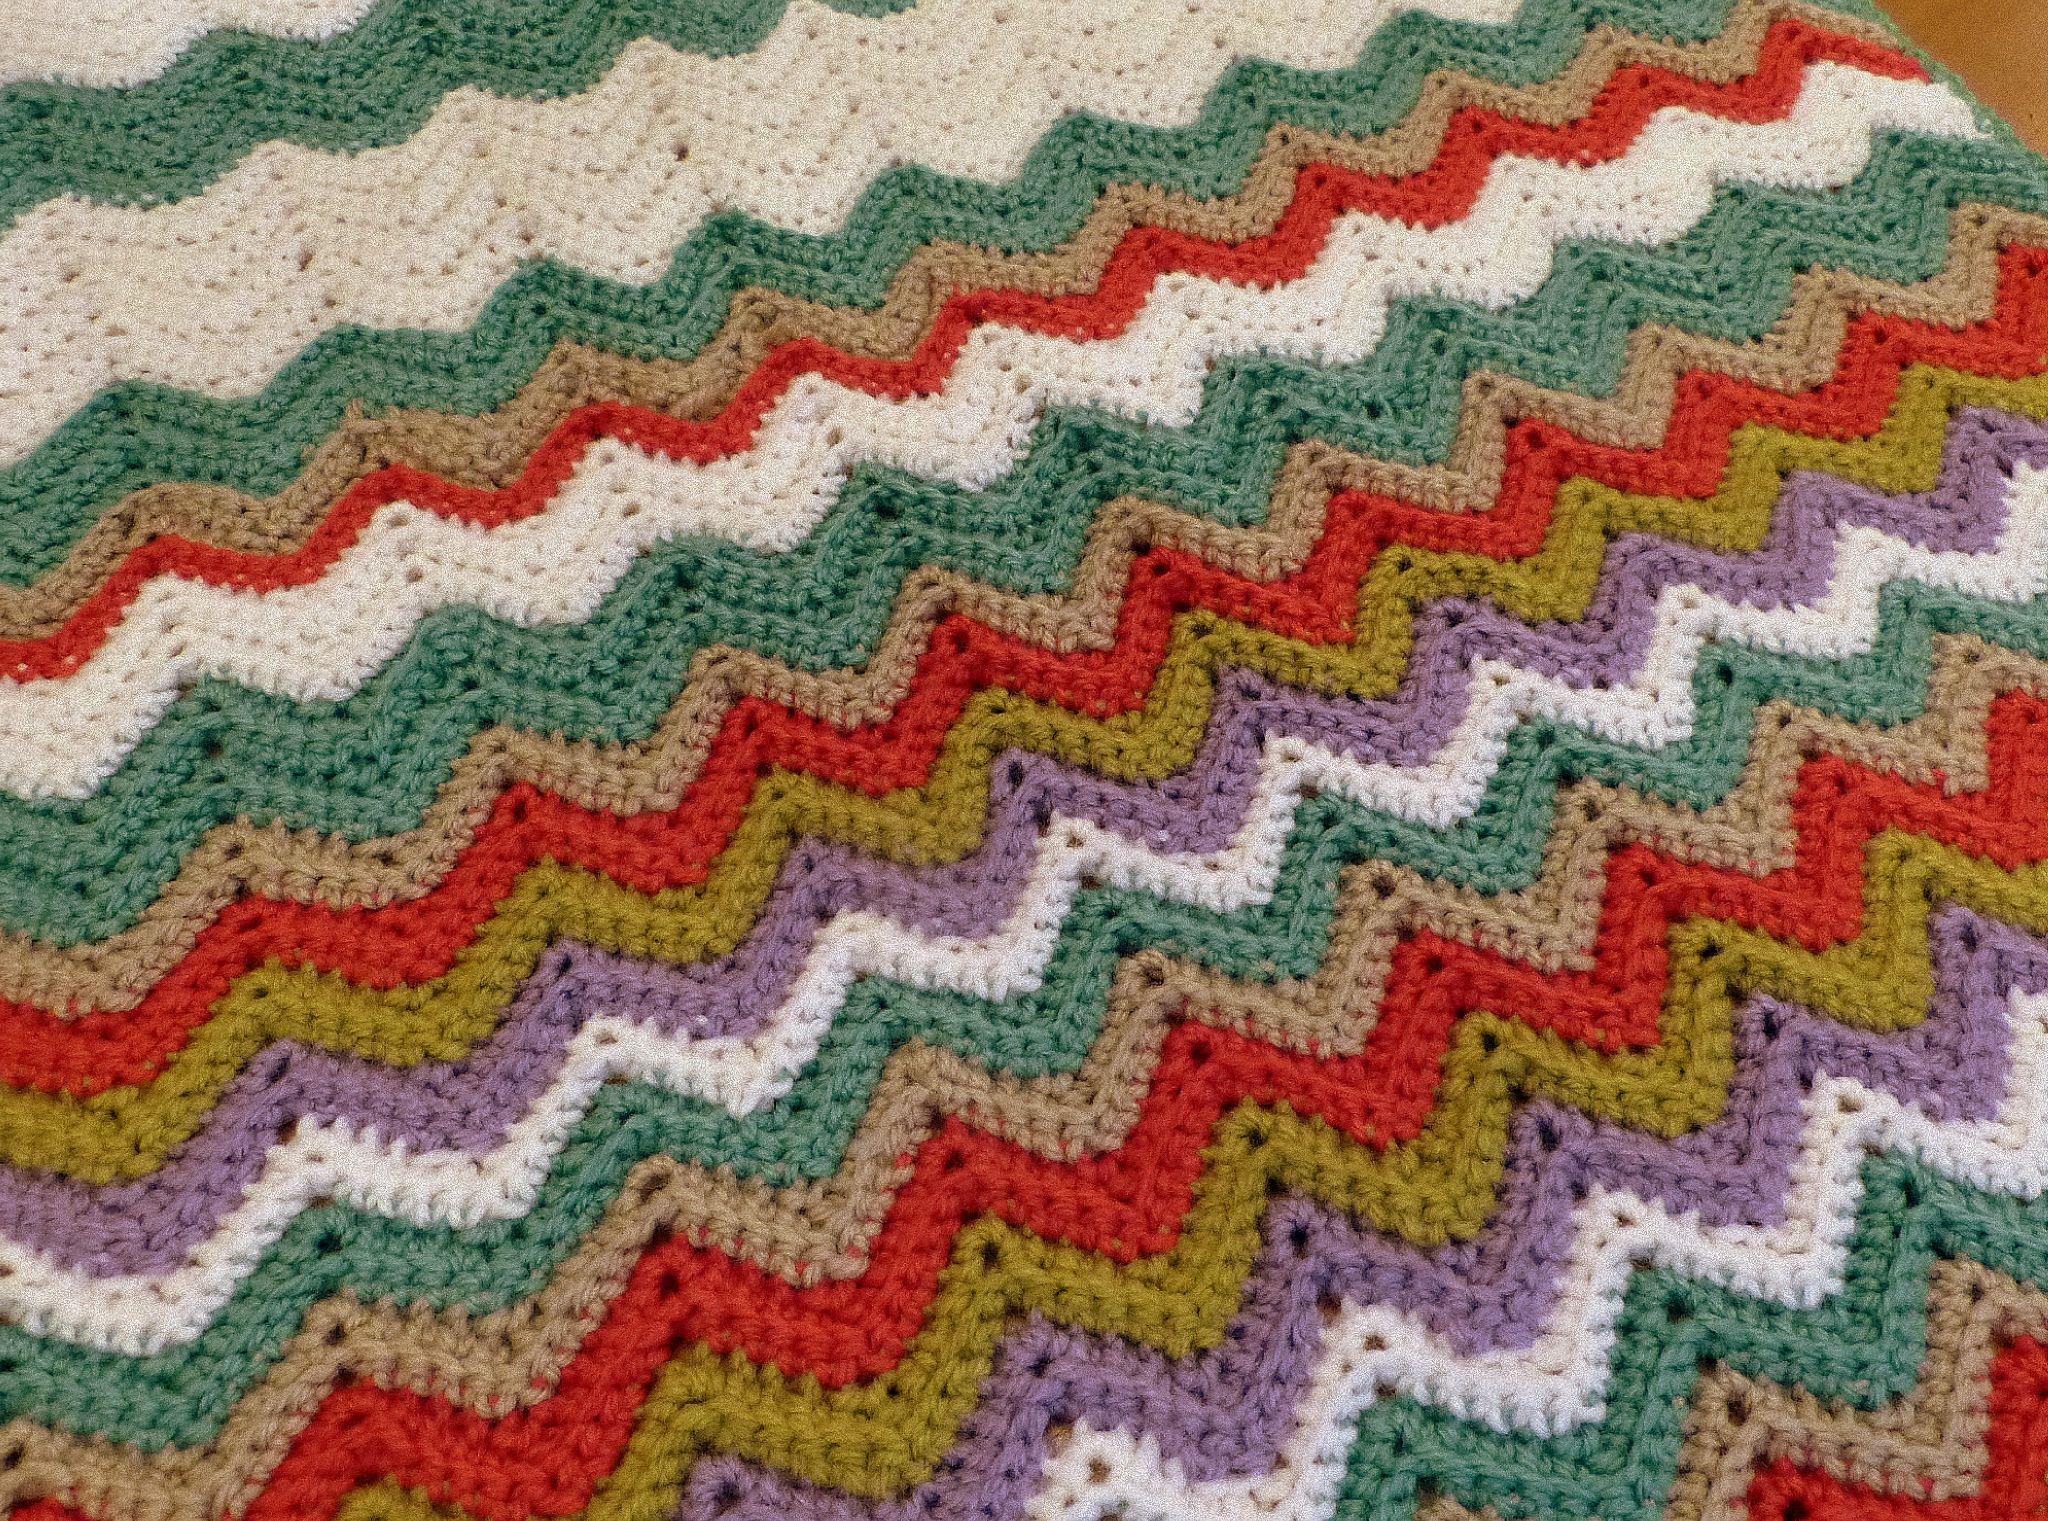 Perfecto Patrón Subordinados Crochet Composición - Manta de Tejer ...